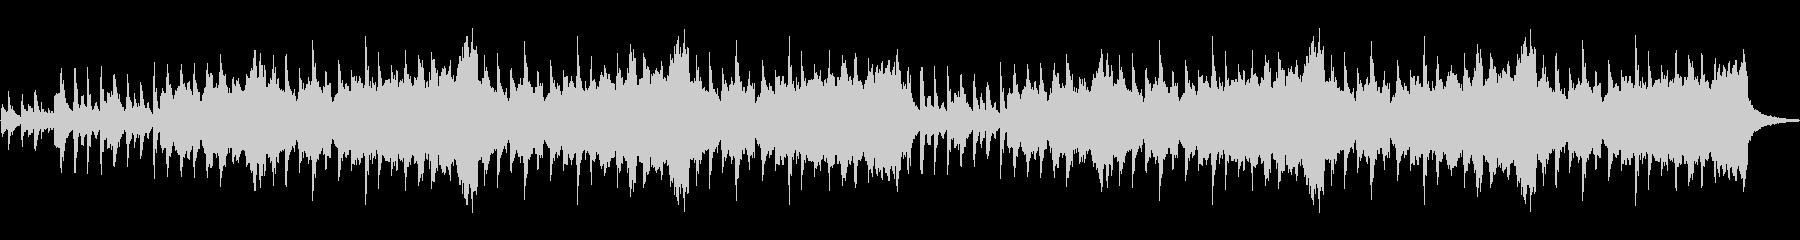 ピチカートオーボエクラリネットの優しい音の未再生の波形